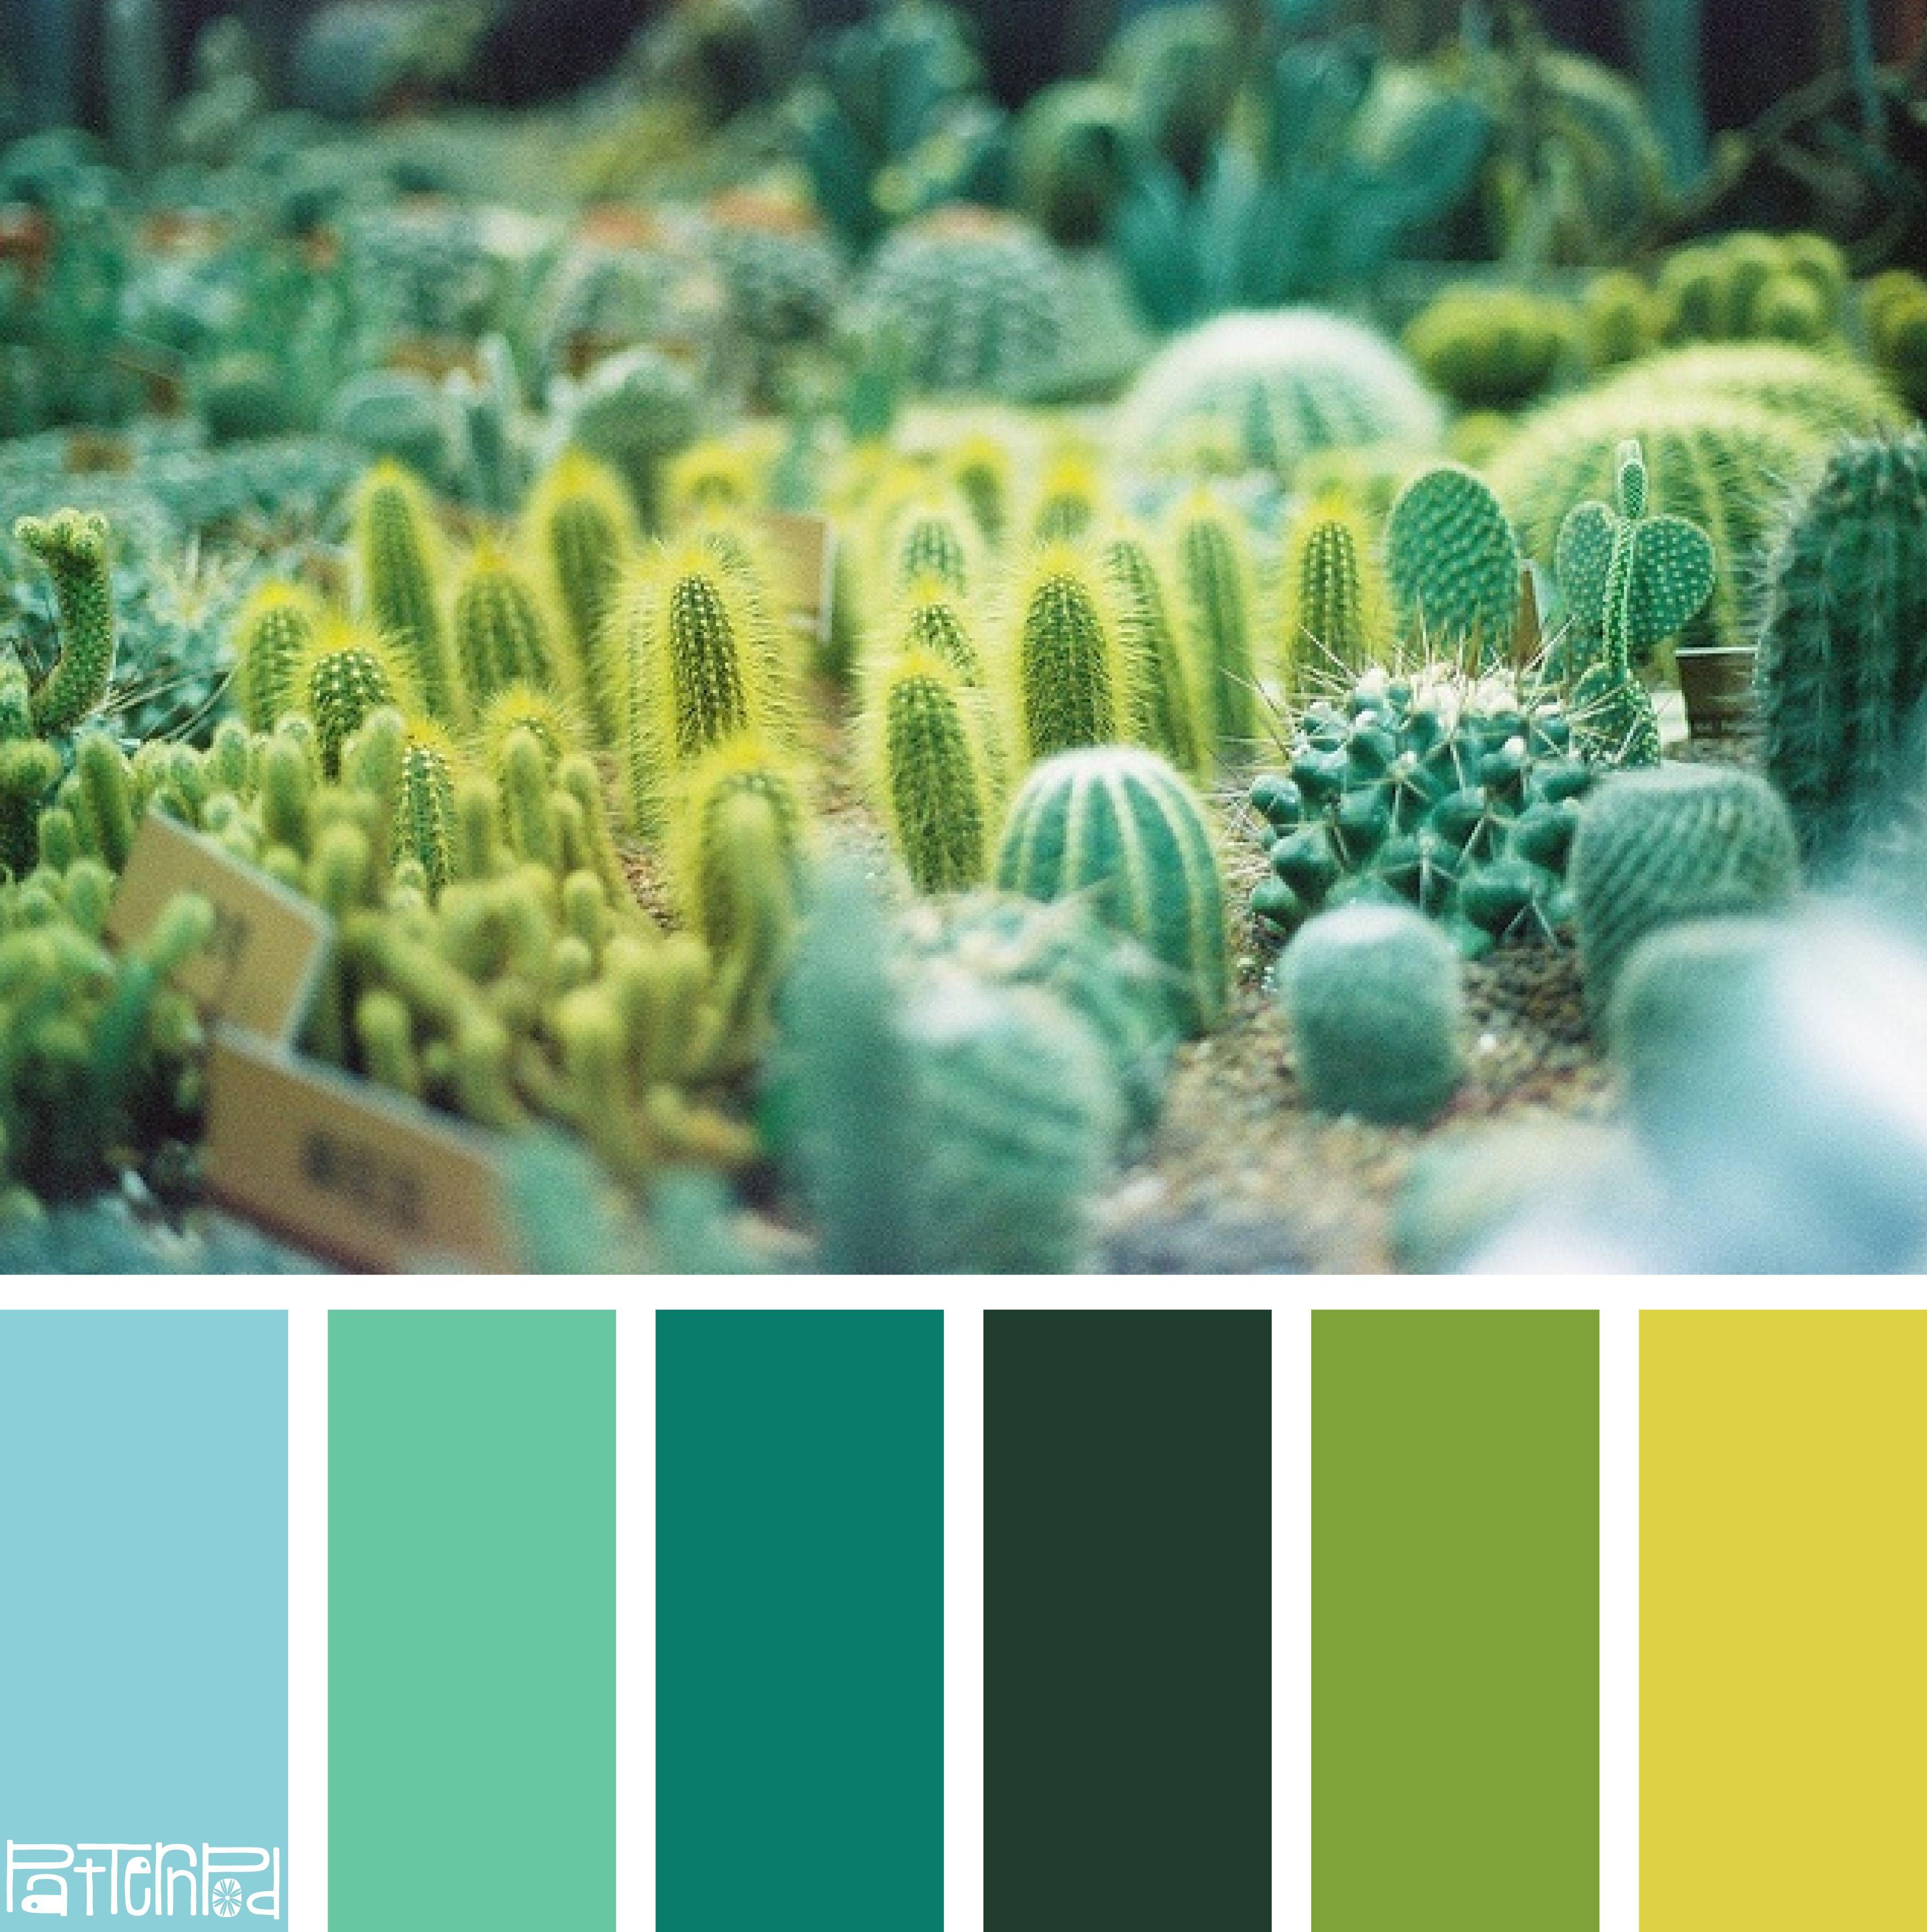 Consejos y herramientas para elegir una paleta de color - Paletas de colores para paredes ...